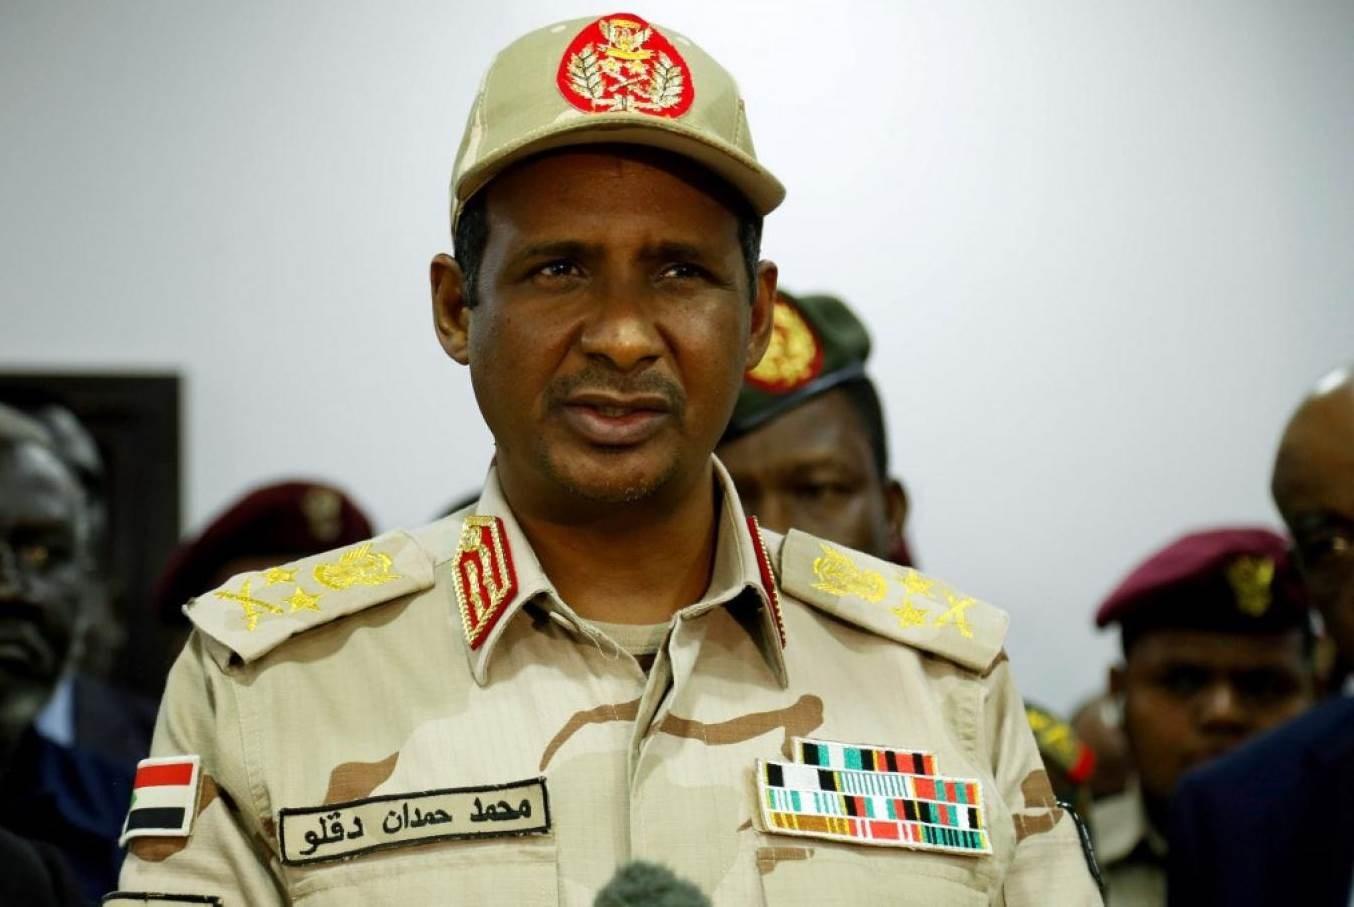 نائب رئيس مجلس السيادة السوداني: نحن نحتاج إلى